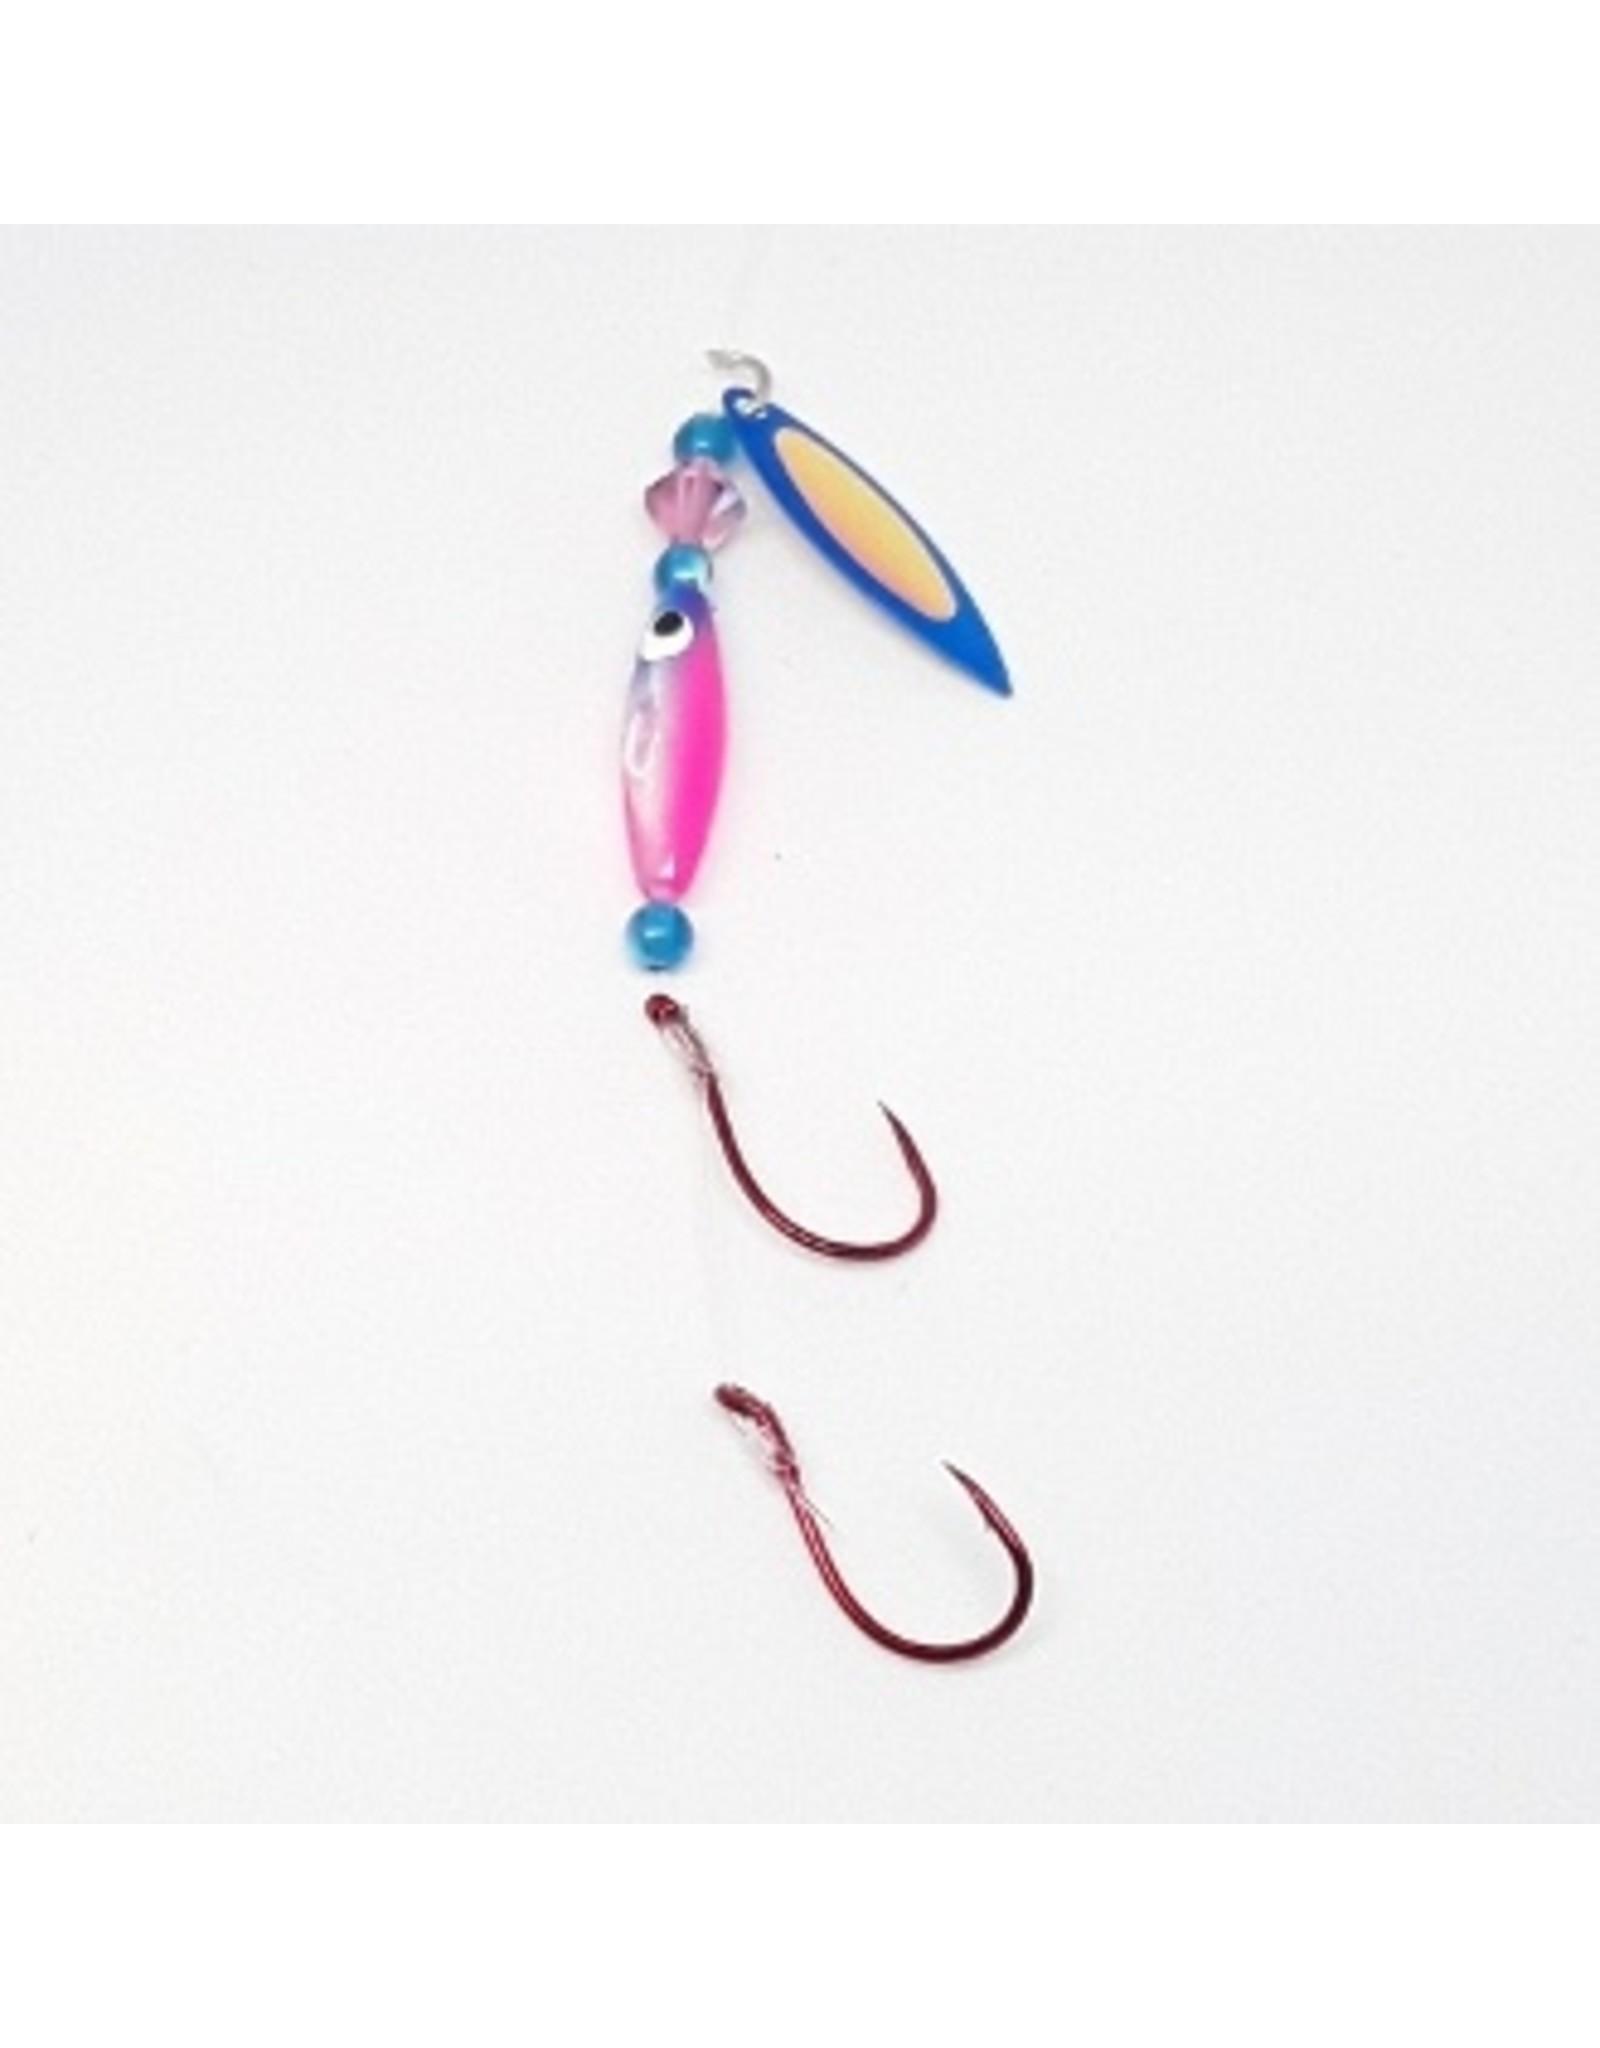 Kokabow Kokabow Fishing Tackle Squid - Predator